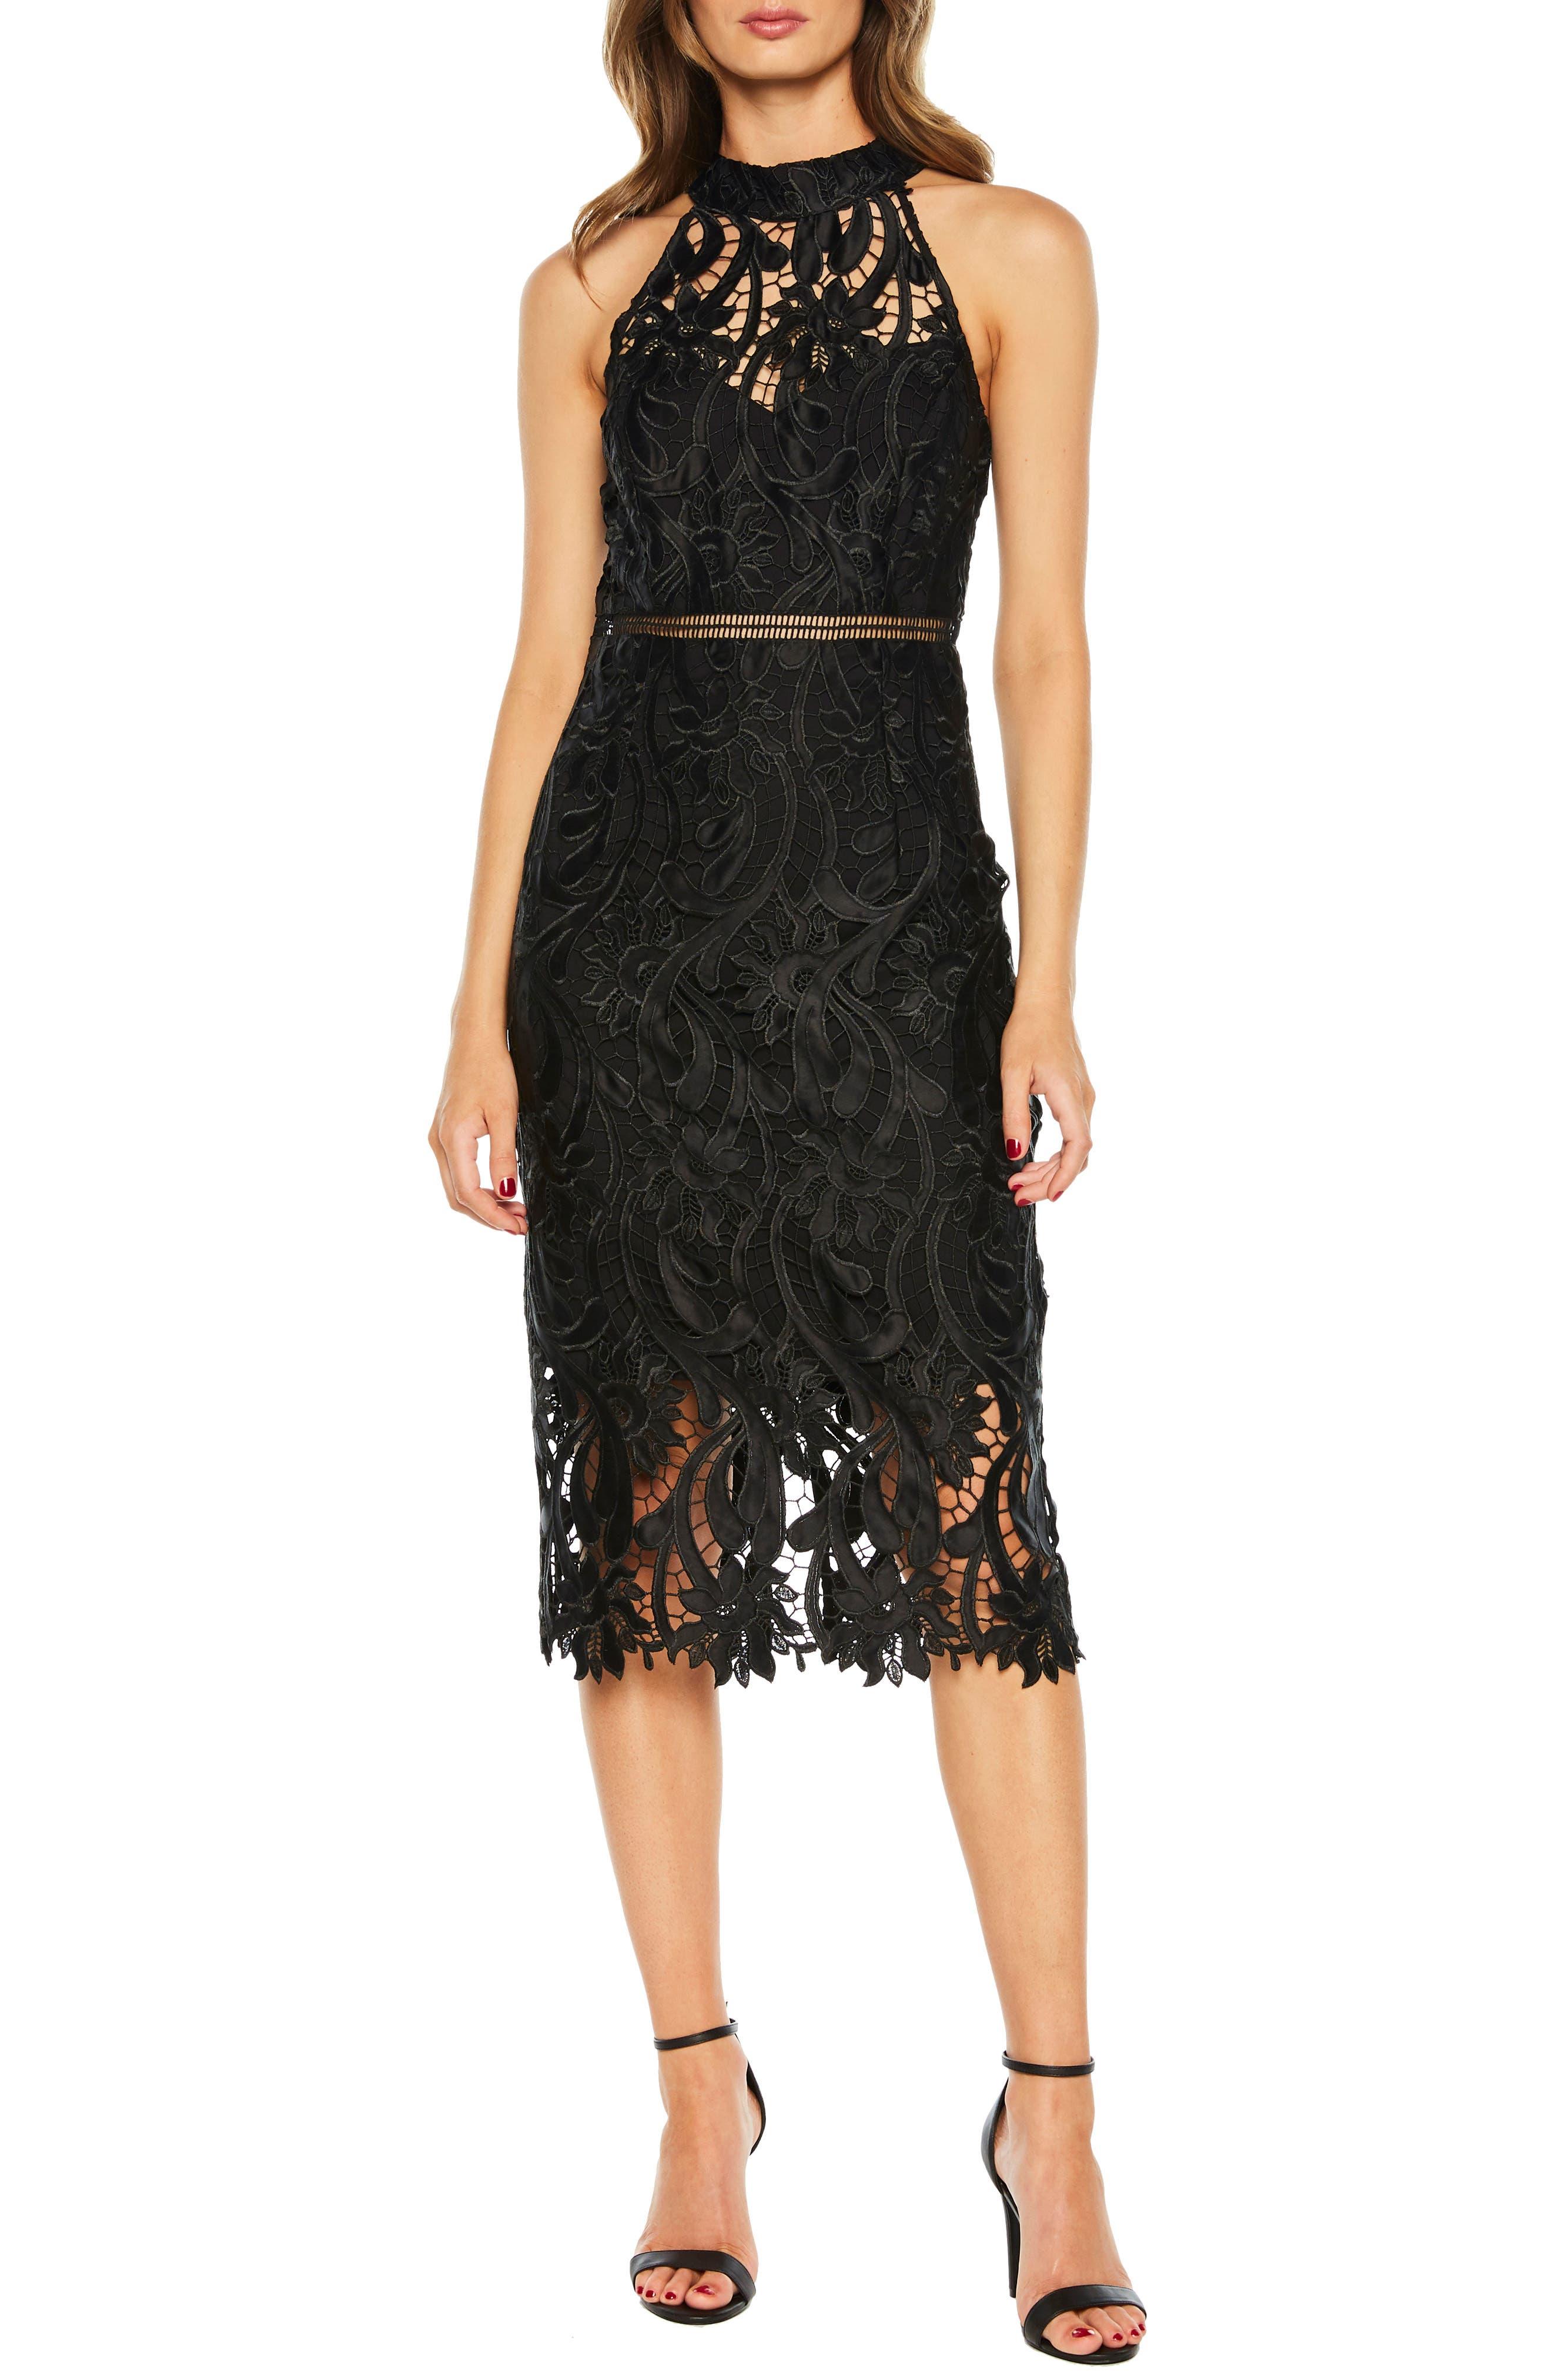 BARDOT, Isa Lace Halter Dress, Main thumbnail 1, color, 001